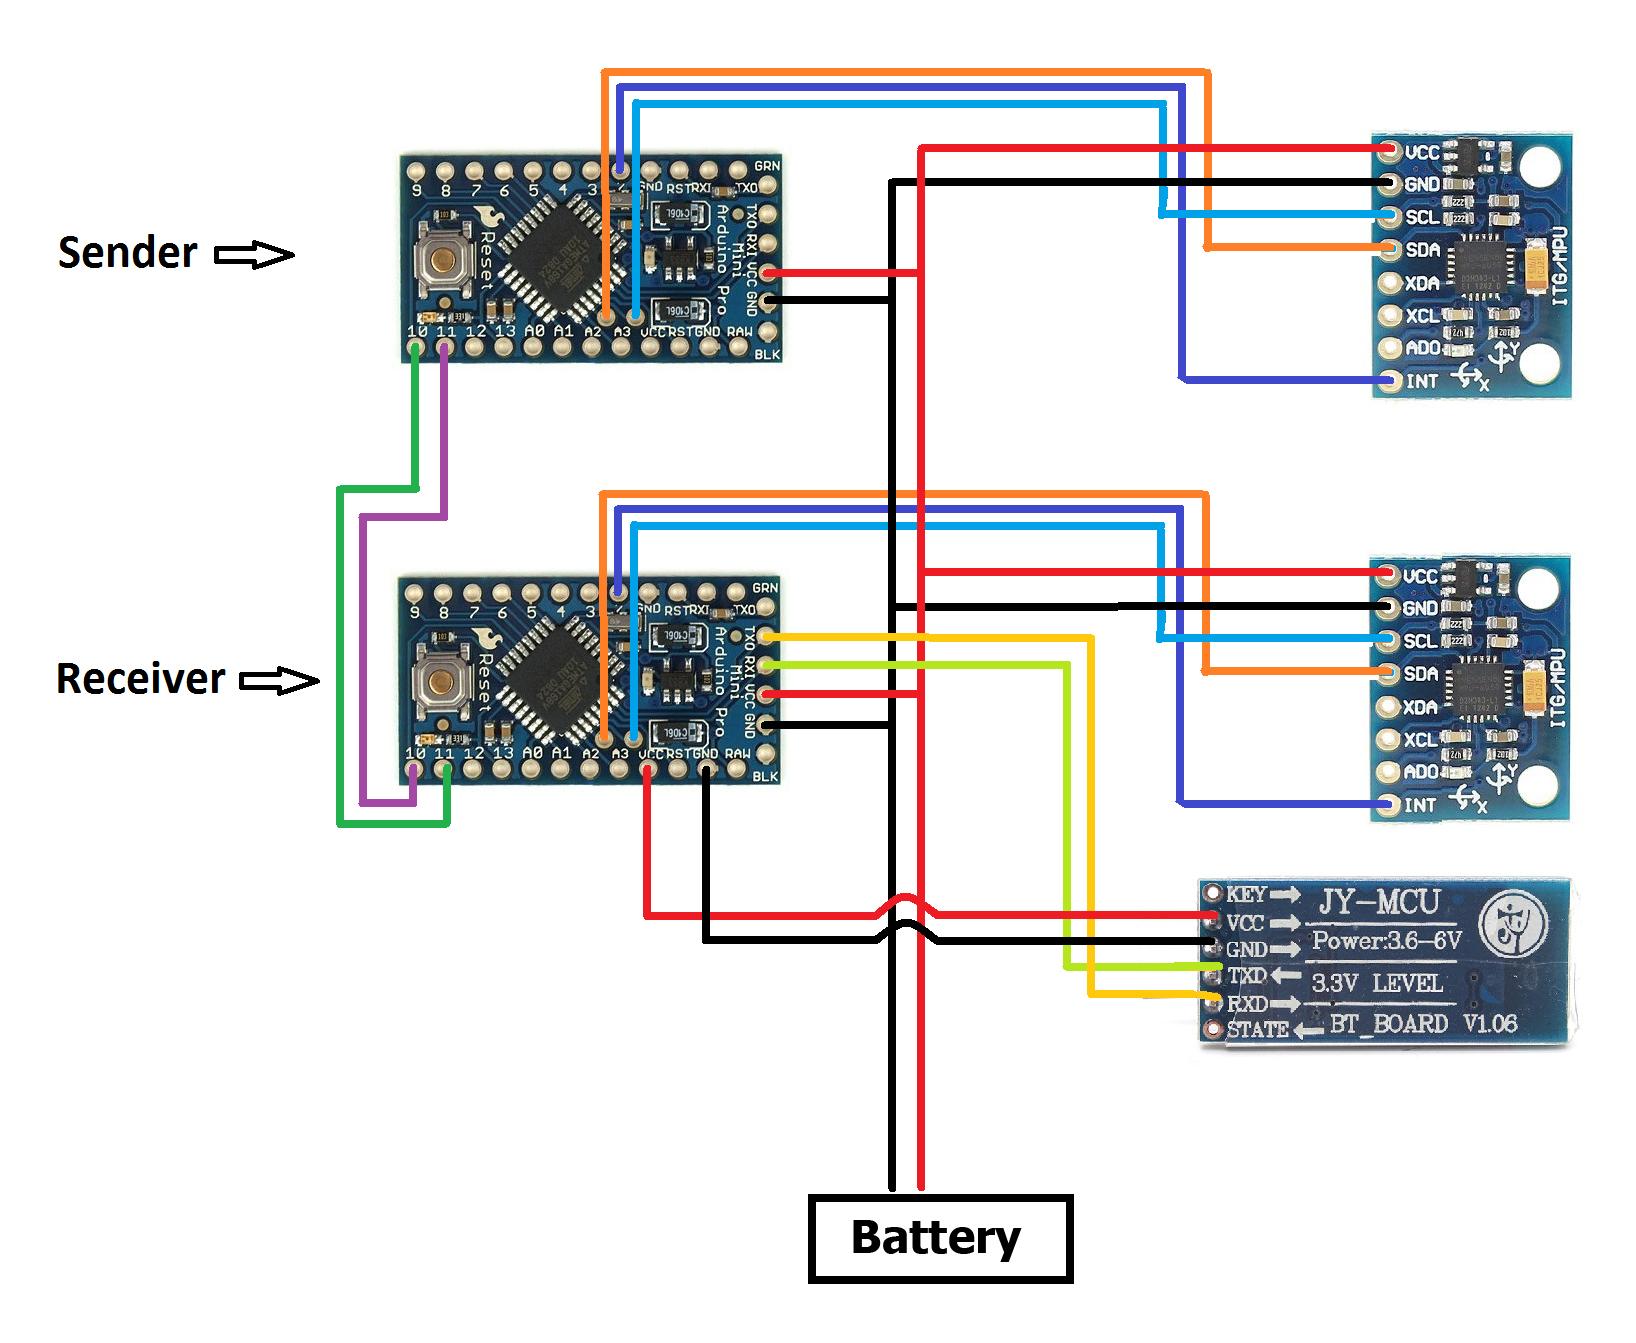 mpu 9250 wiring diagram 23 wiring diagram images dji a2 wiring diagram dji  phantom wiring diagram